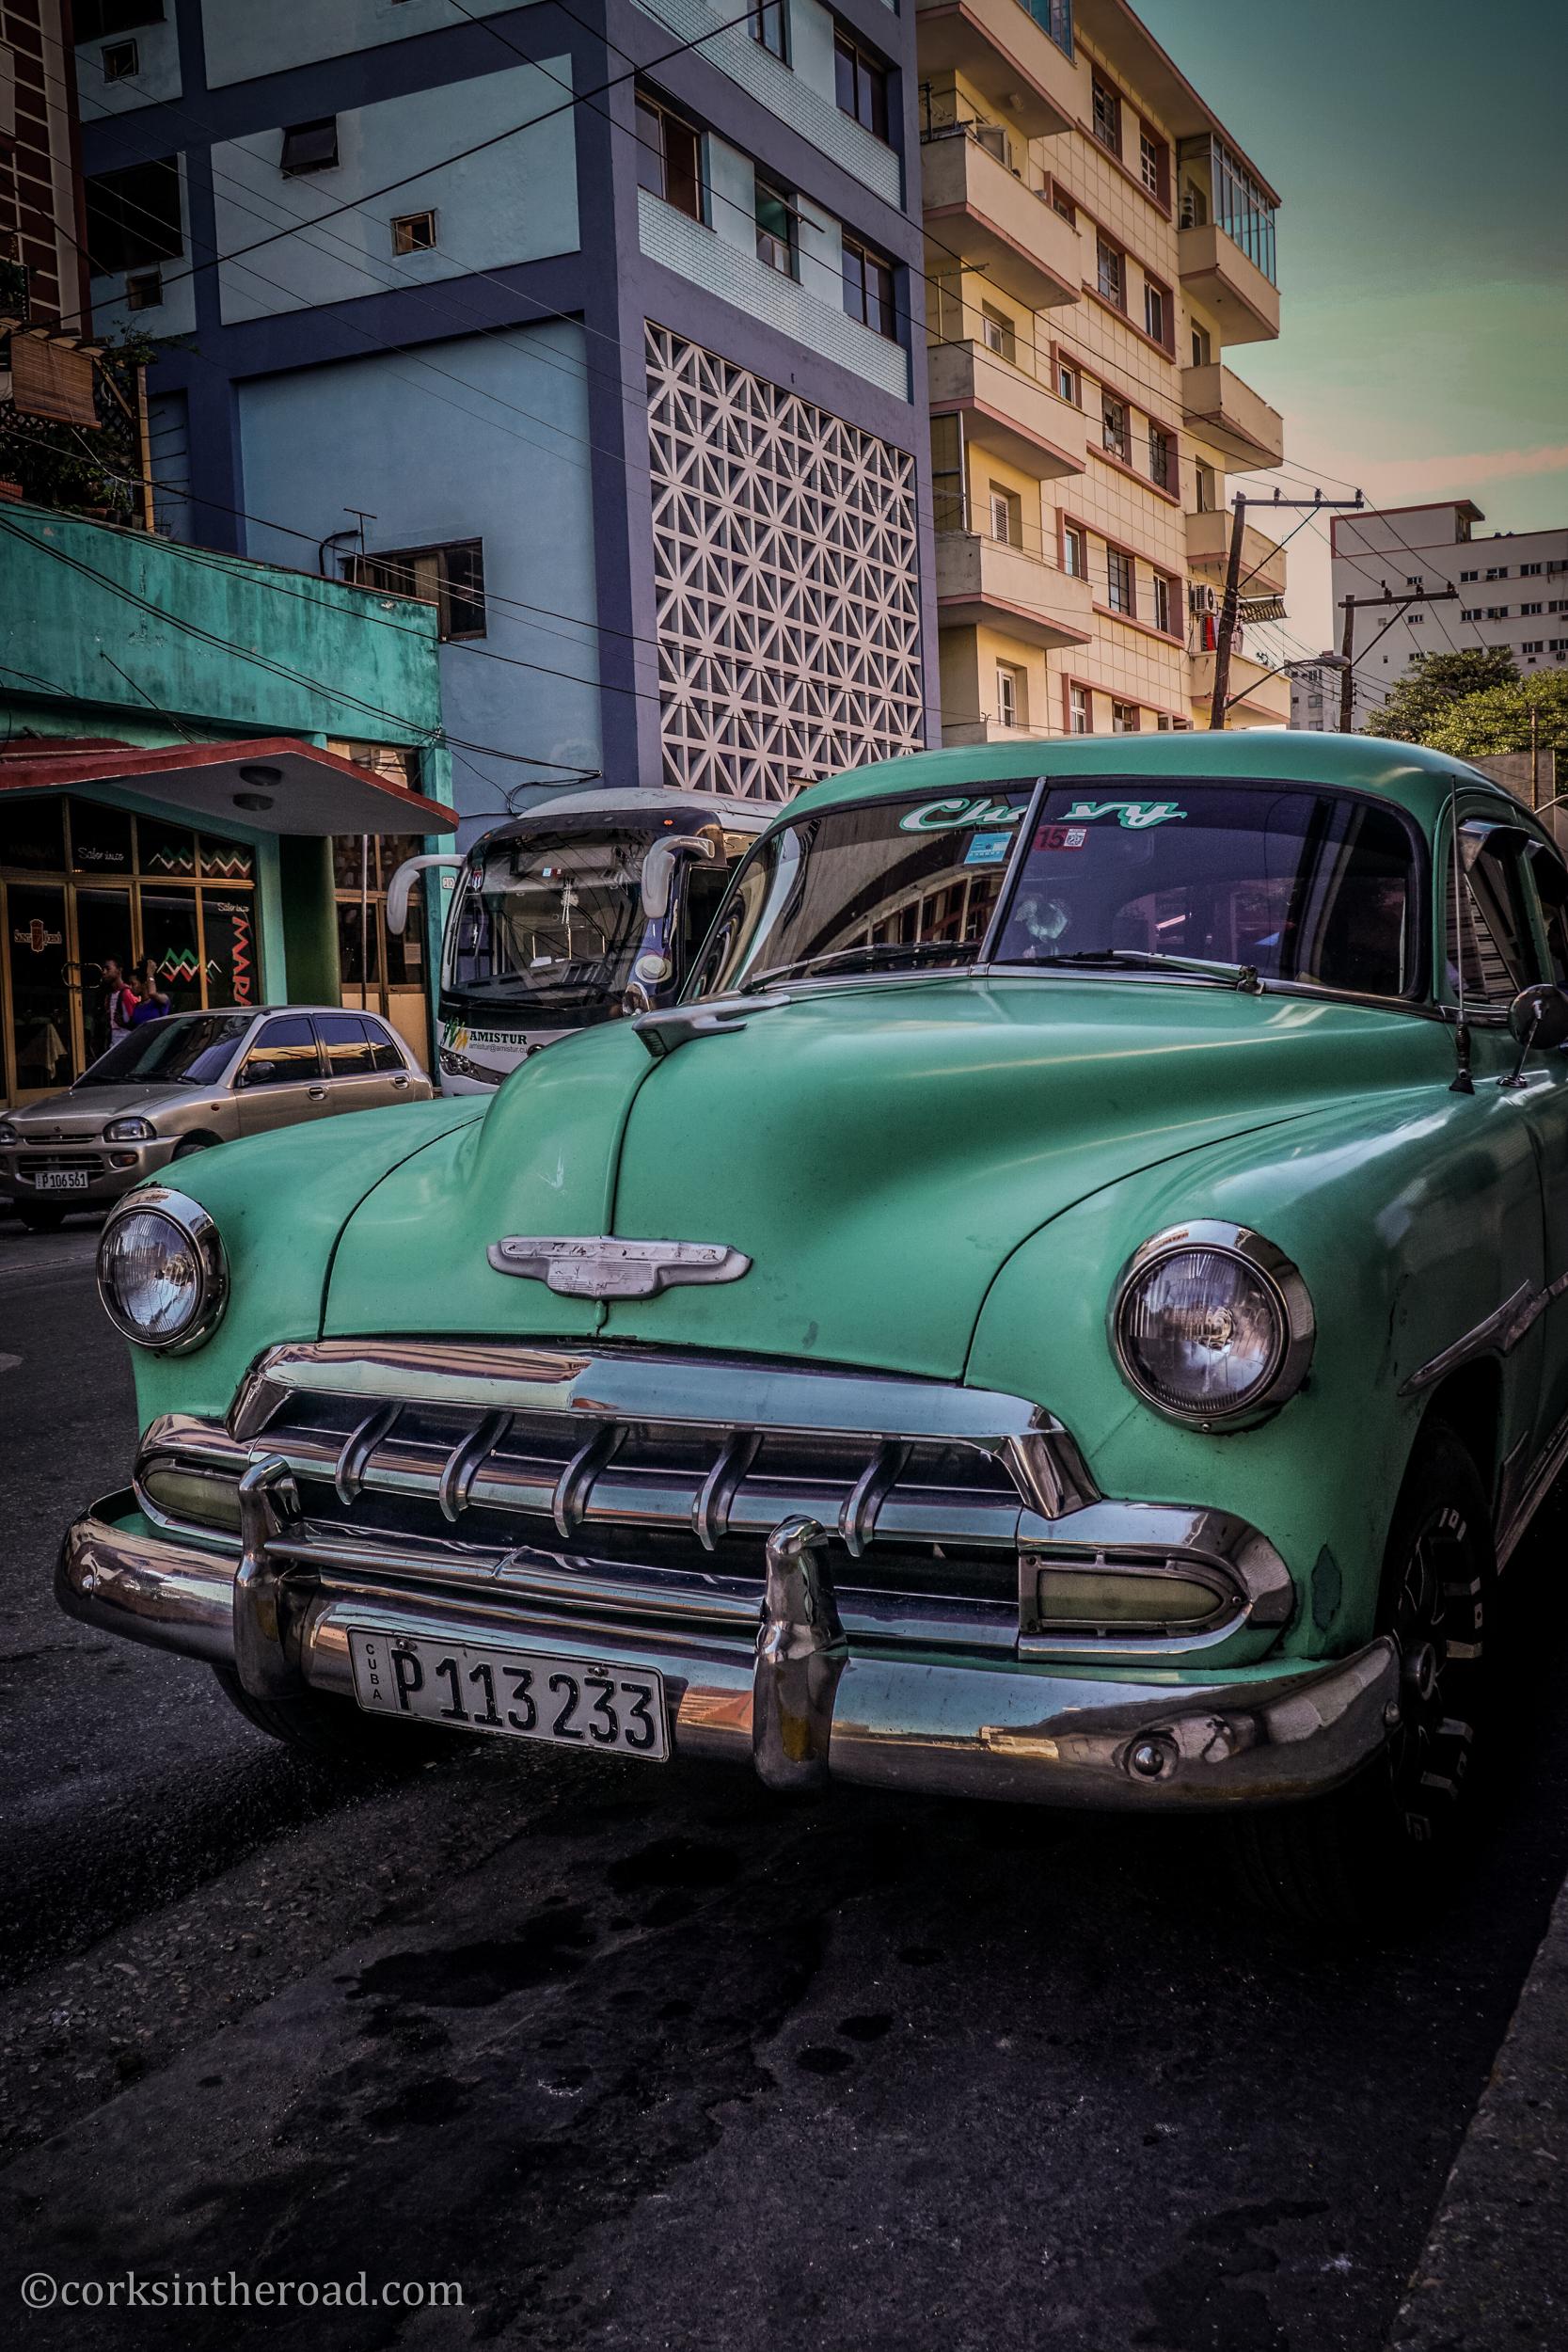 Cars, Corksintheroad, Cuba, Havana-9.jpg